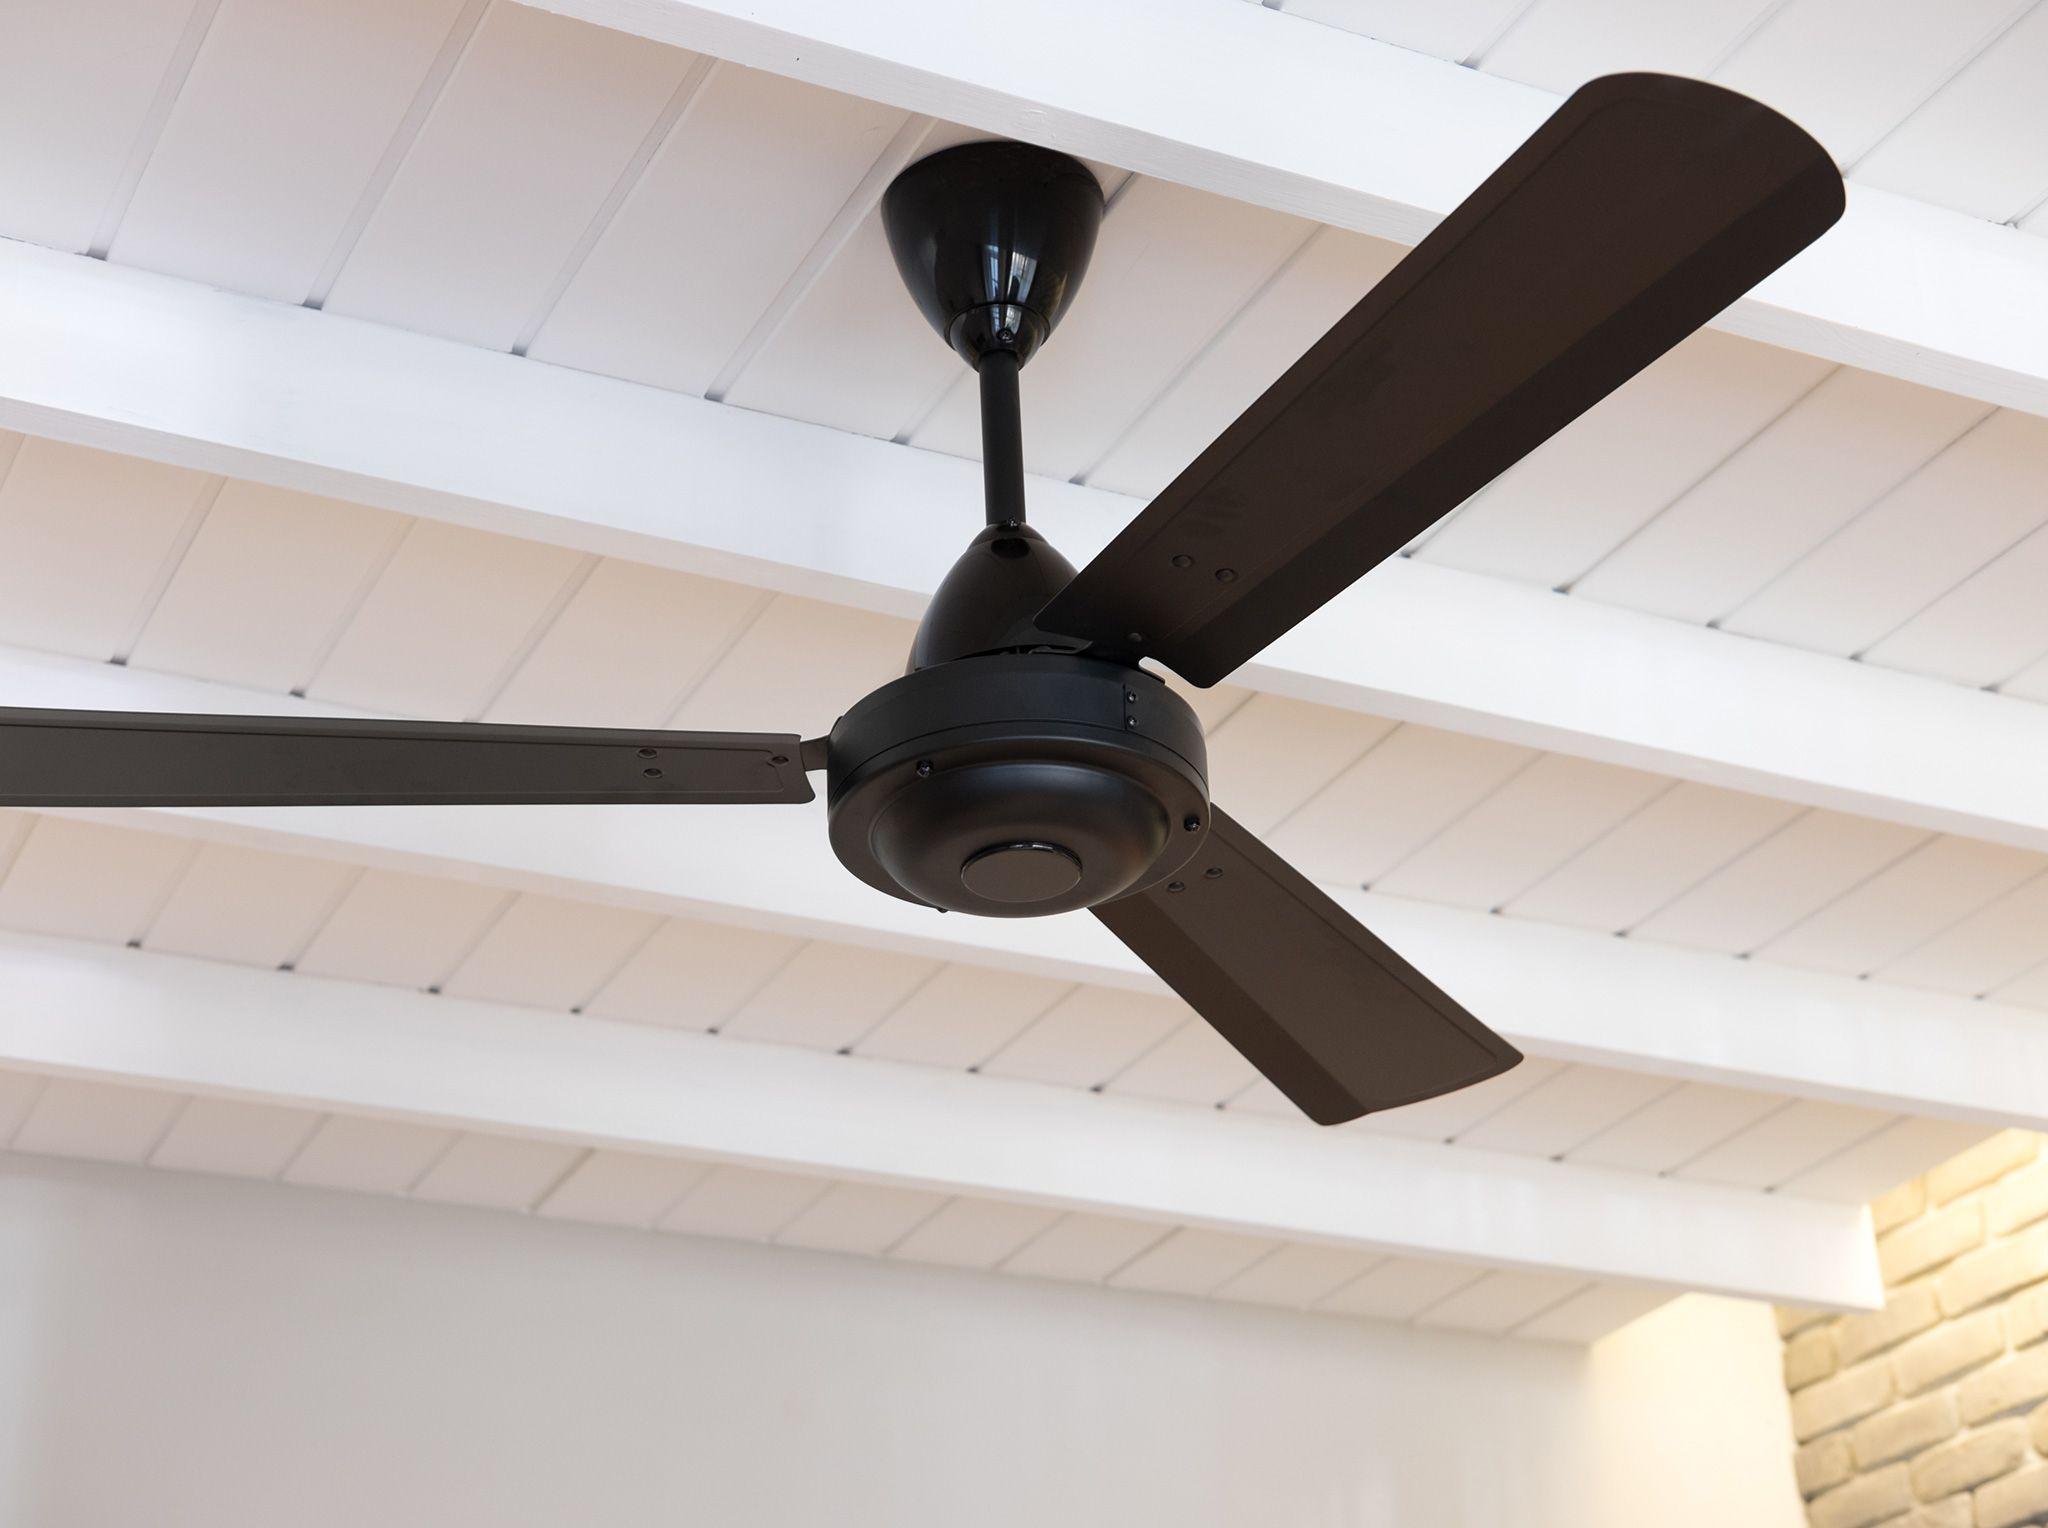 Guide D Achat Comment Choisir Un Ventilateur En 2020 Ventilateur Dyson Ventilateur Pale De Ventilateur